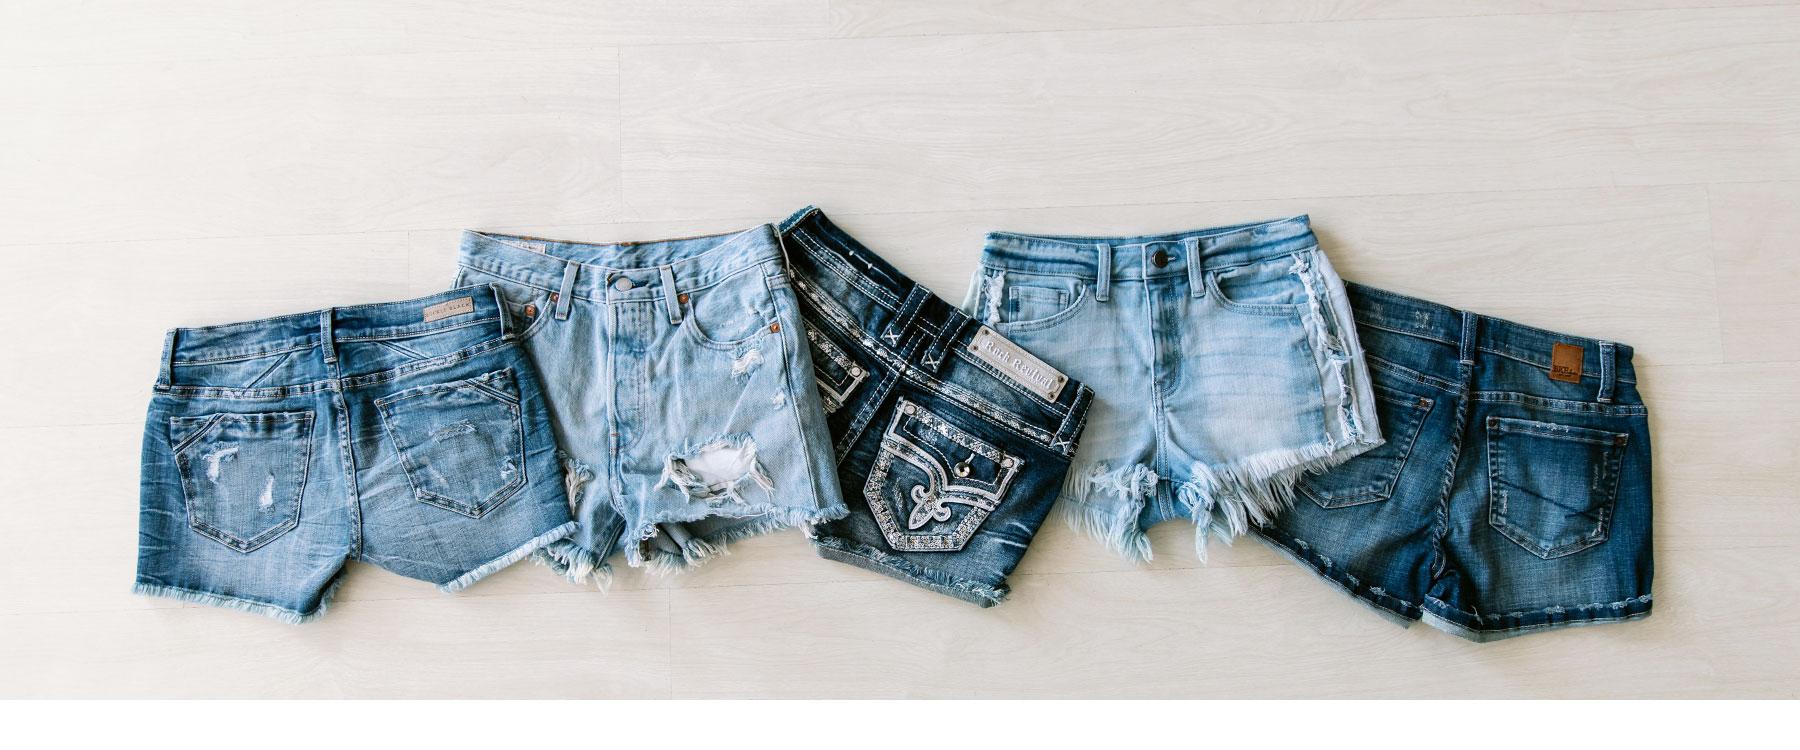 Five pairs of women's denim shorts